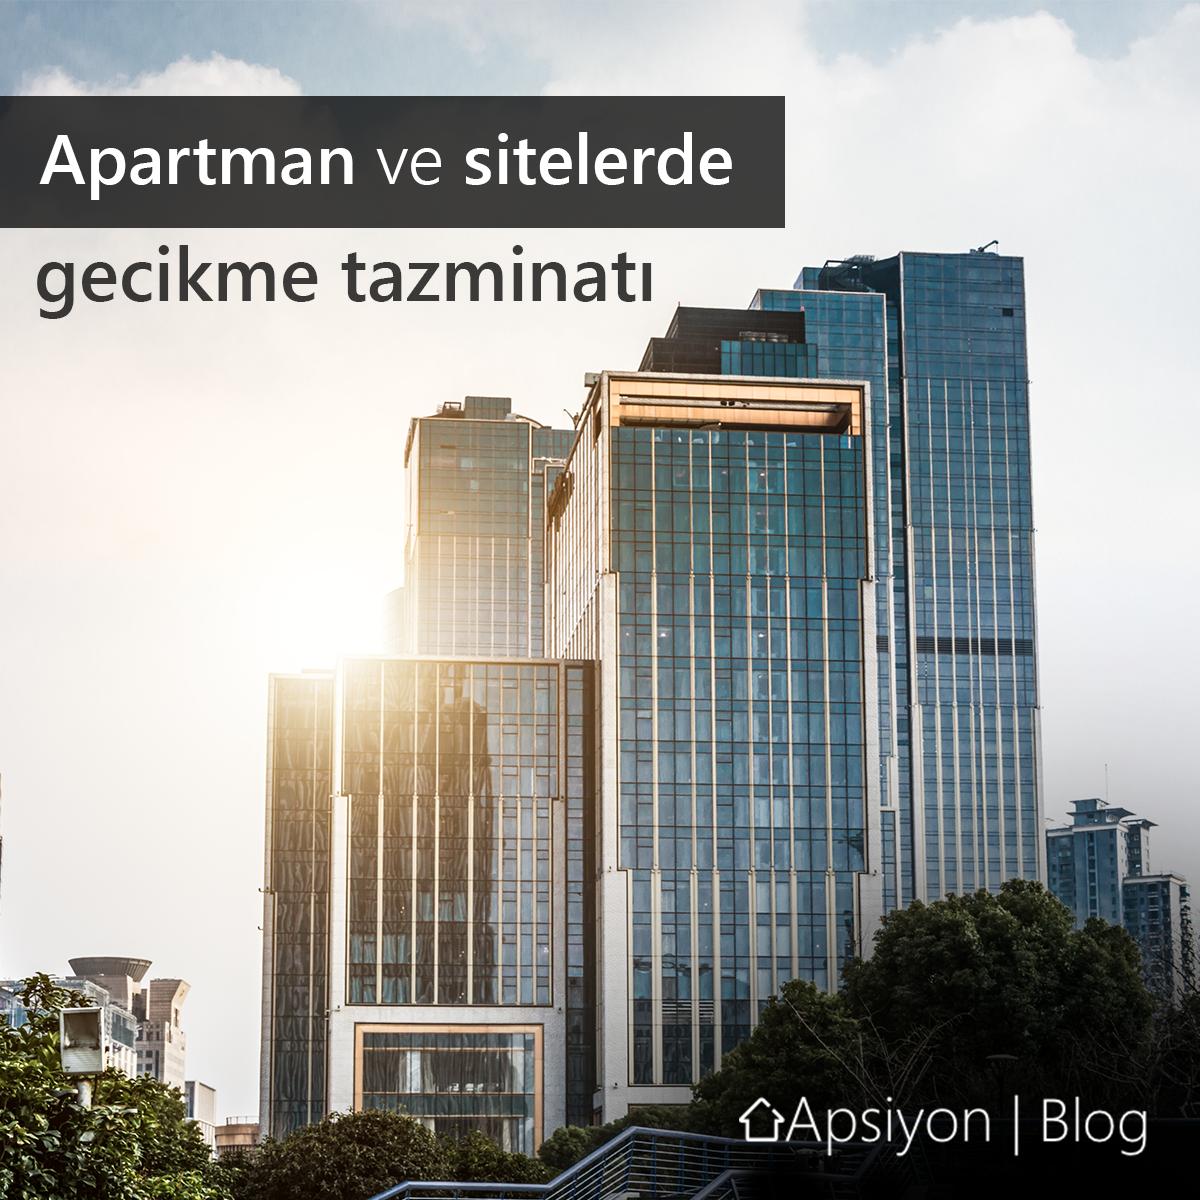 Site ve Apartman Yönetimlerinde Neden Gecikme Tazminatı Uygulanır?